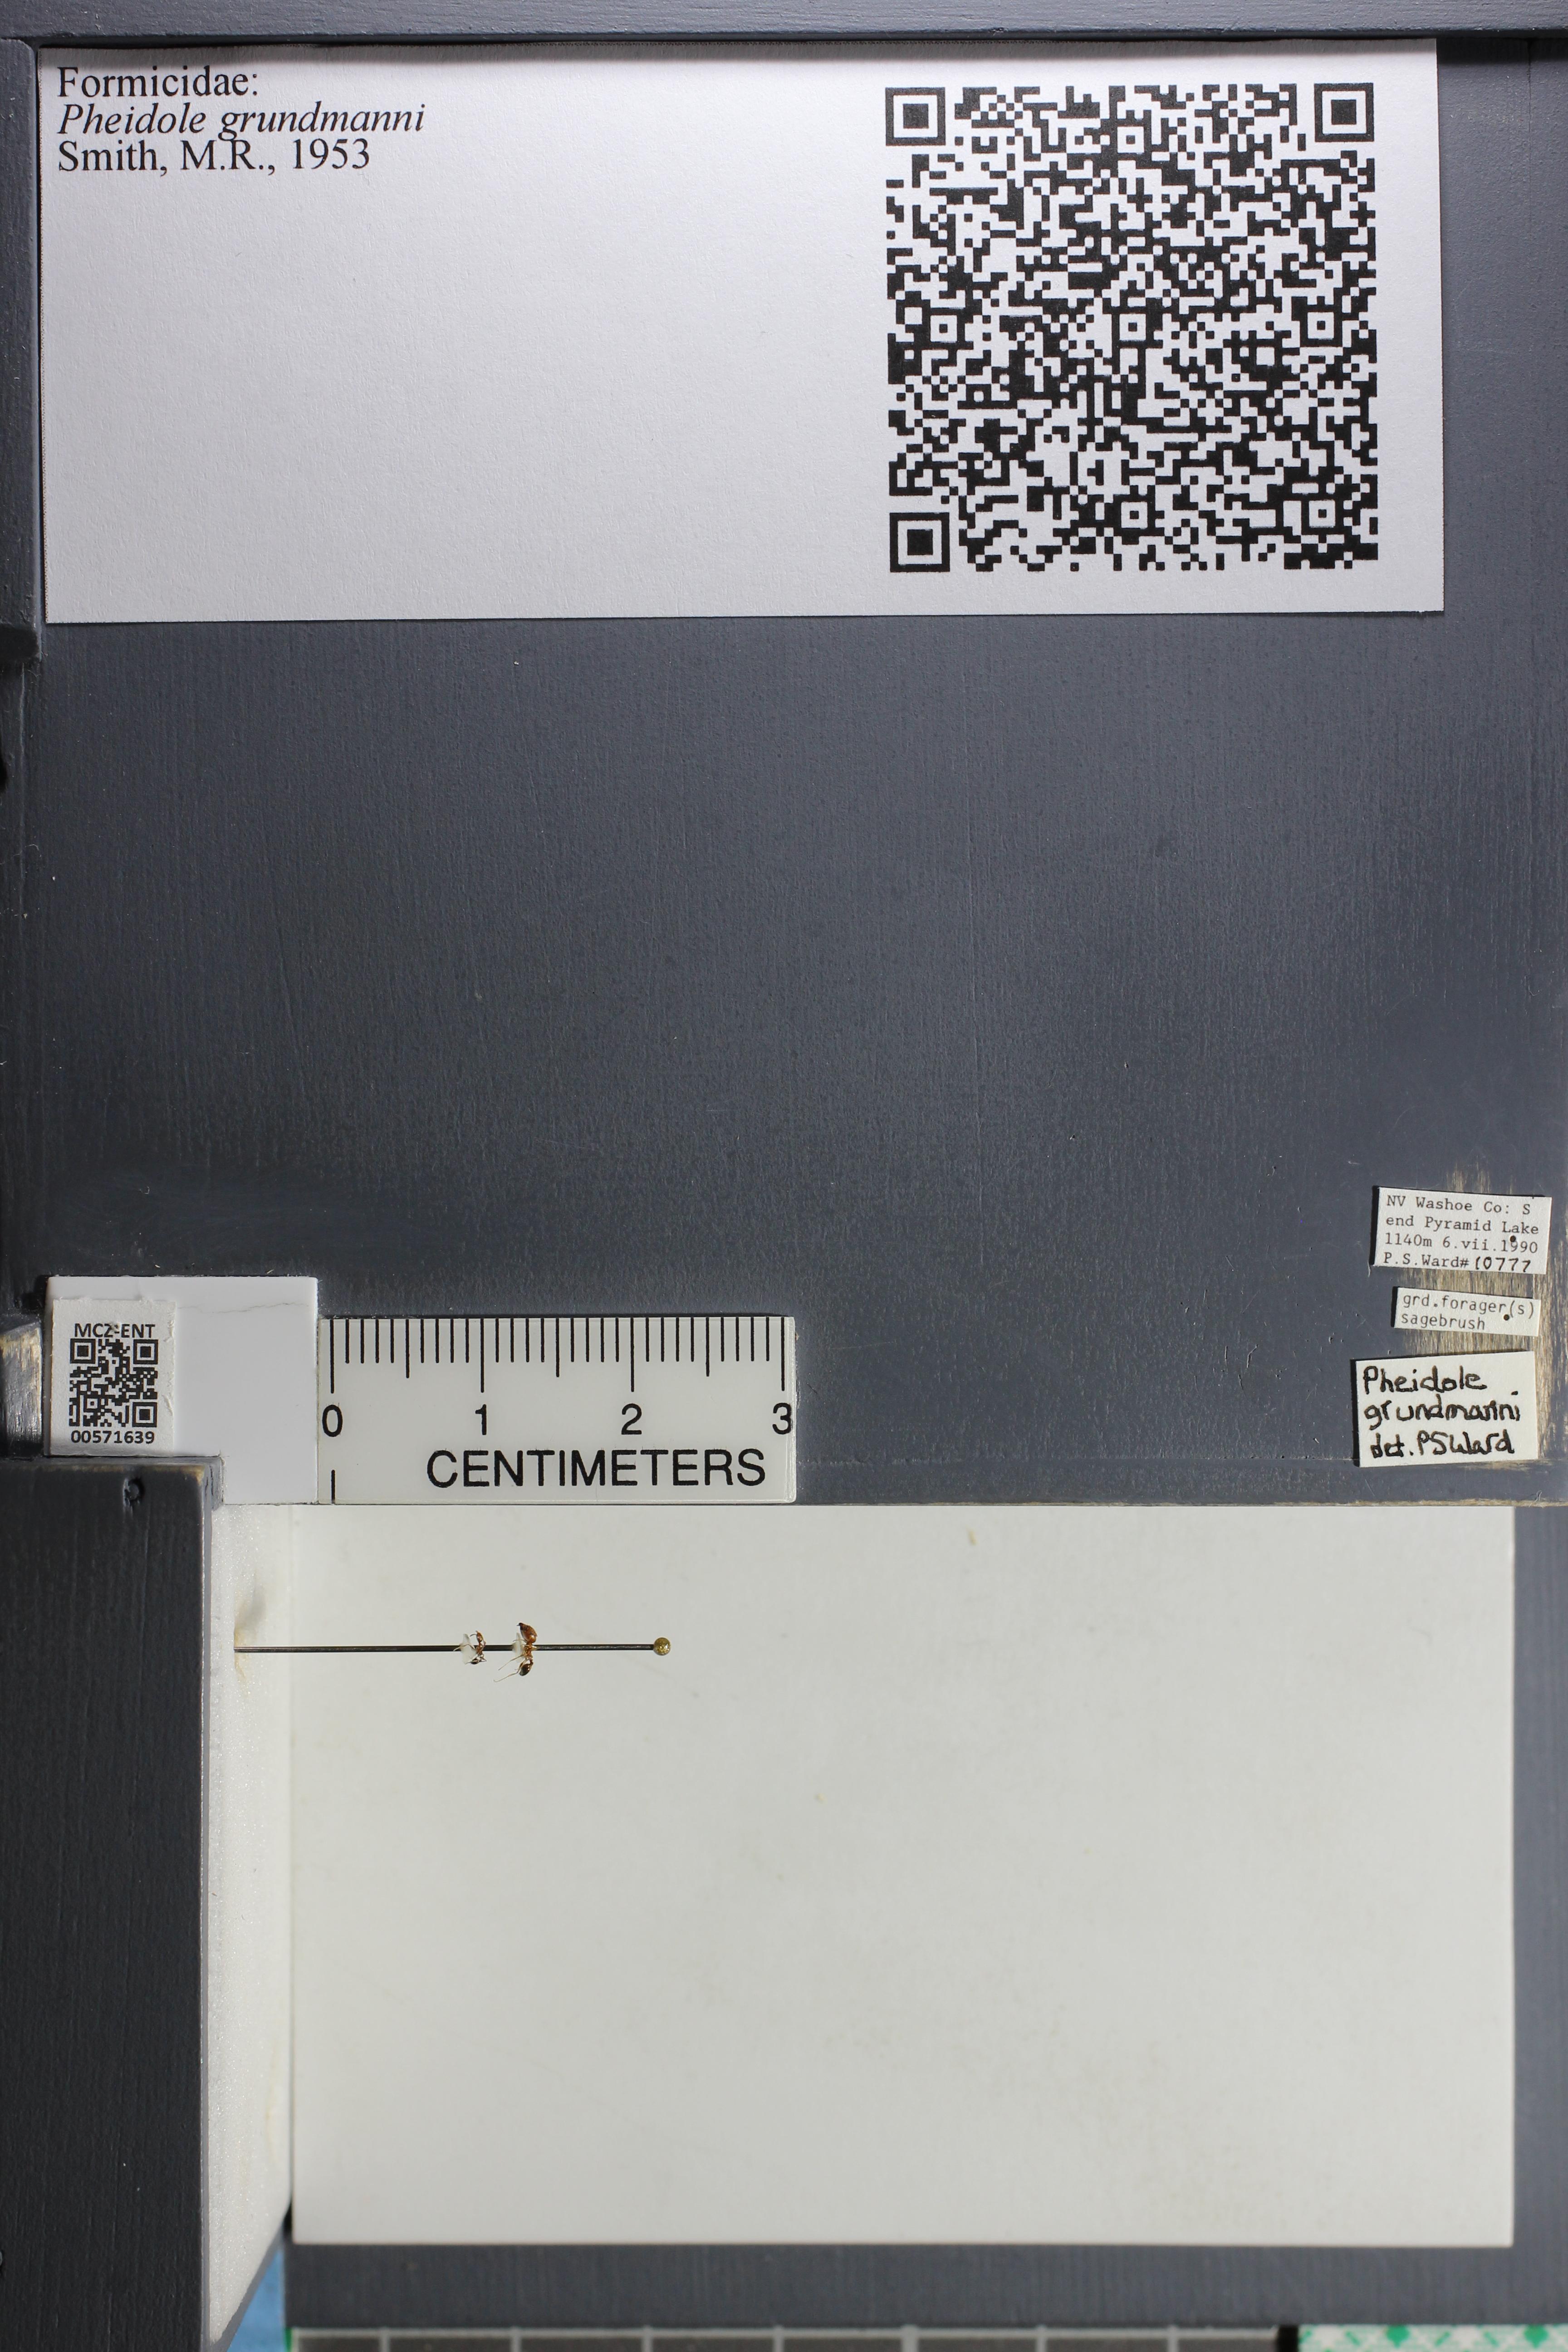 Media of type image, MCZ:Ent:571639 Identified as Pheidole grundmanni.